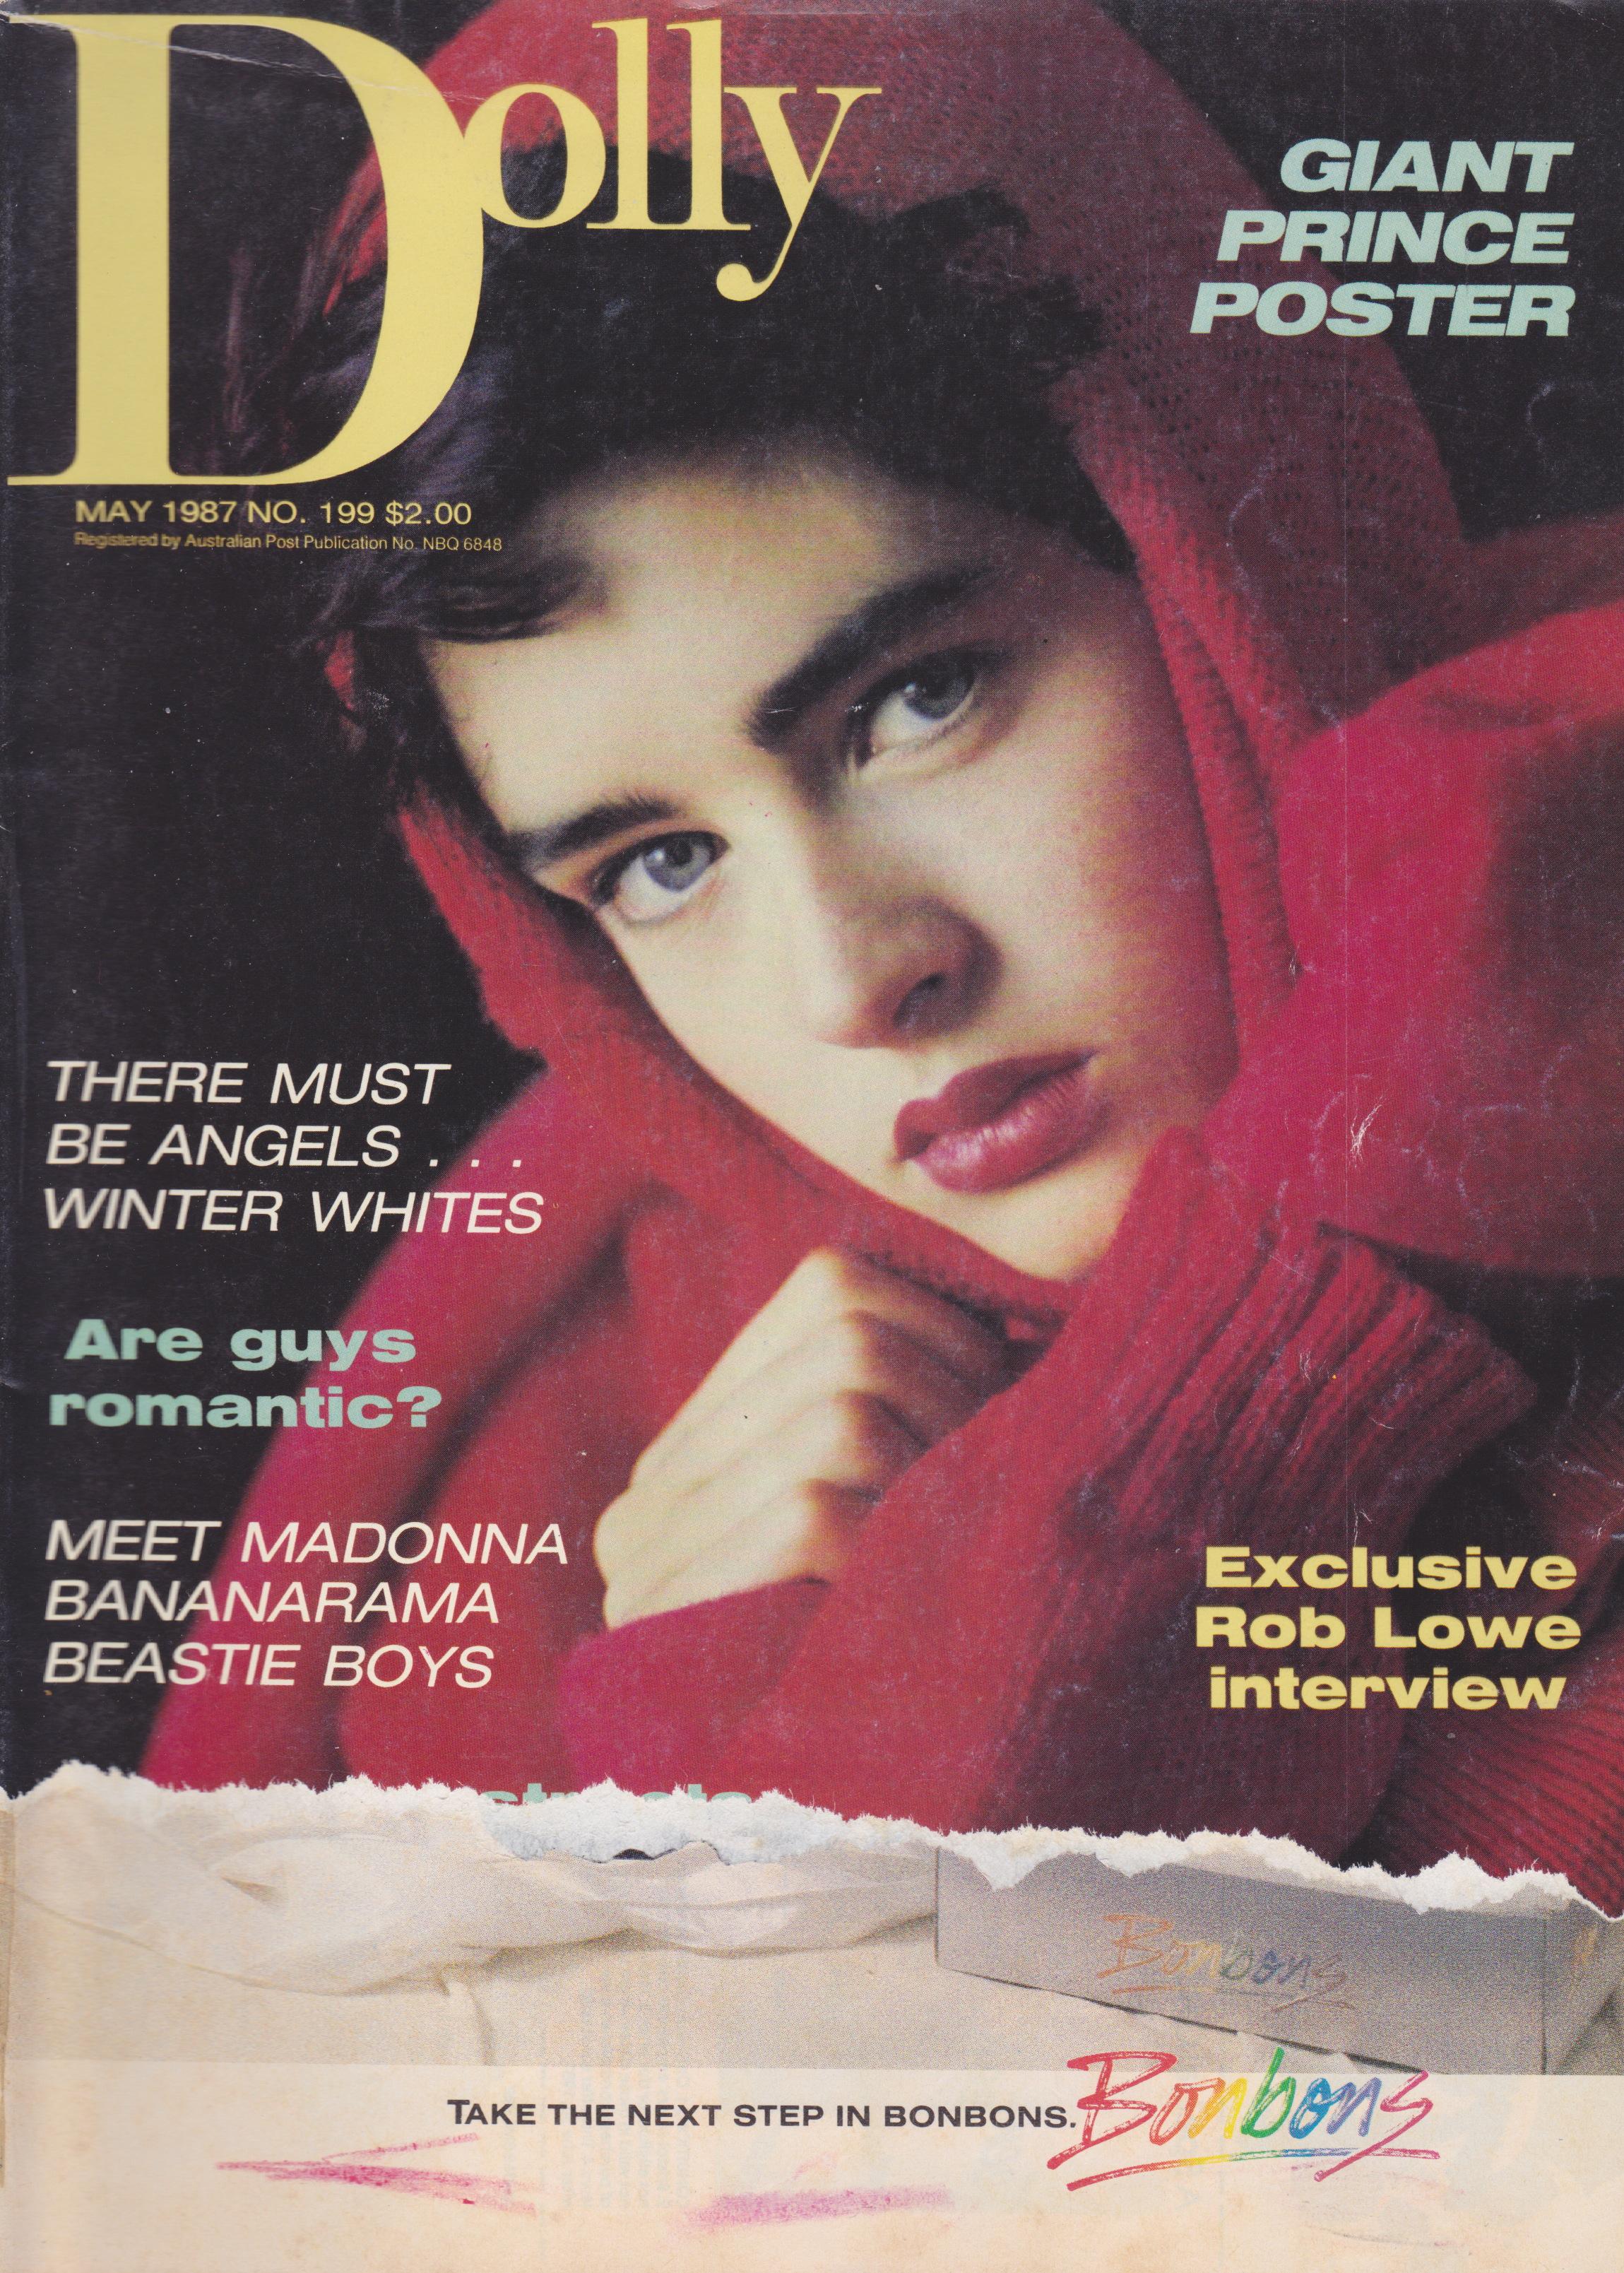 Dolly May 1987